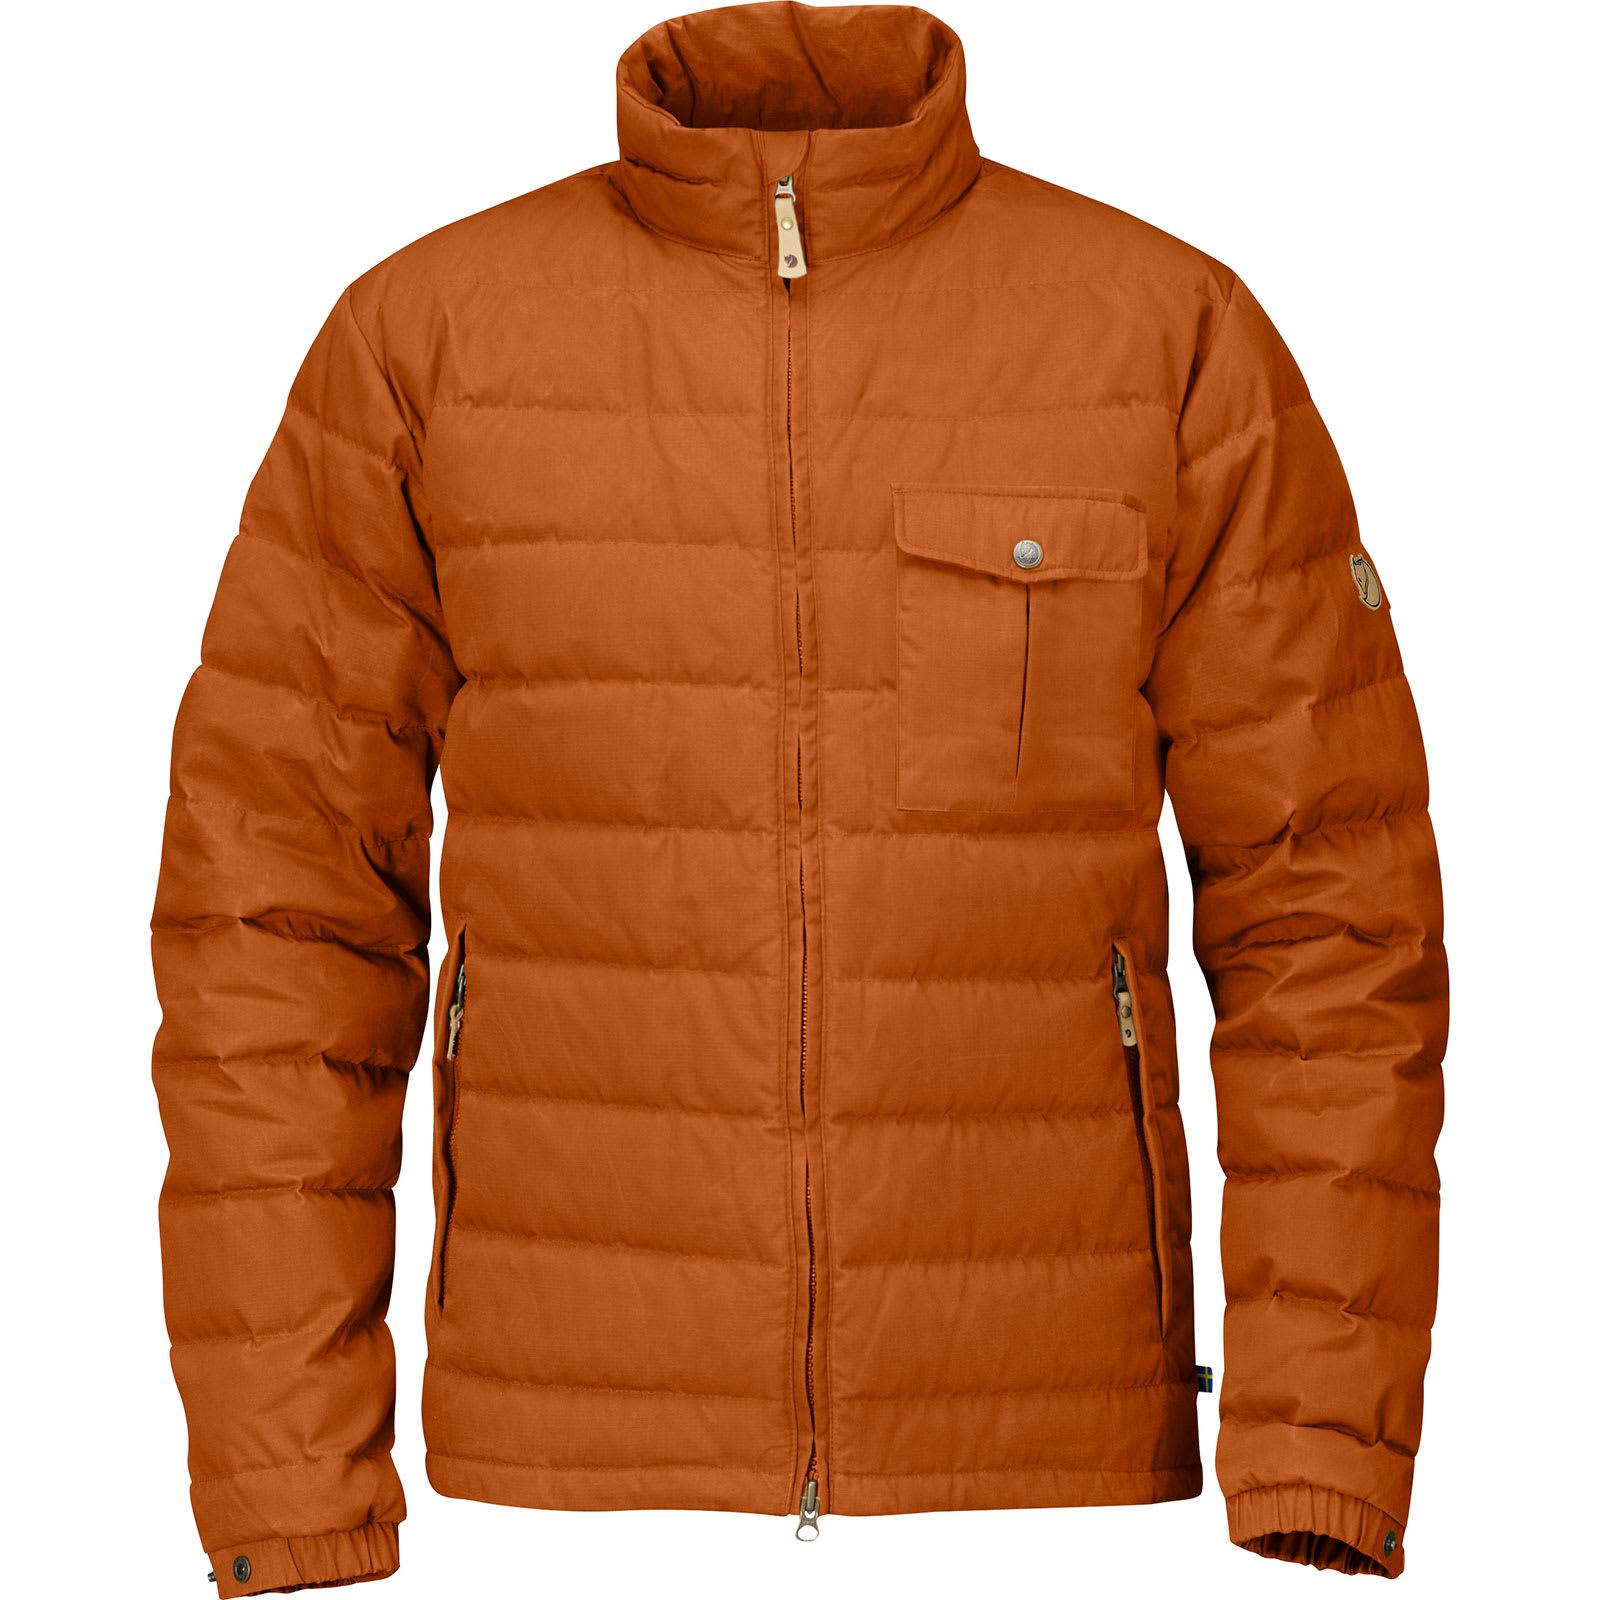 d2a16499 Kjøp Fjällräven Övik Lite Jacket fra Outnorth